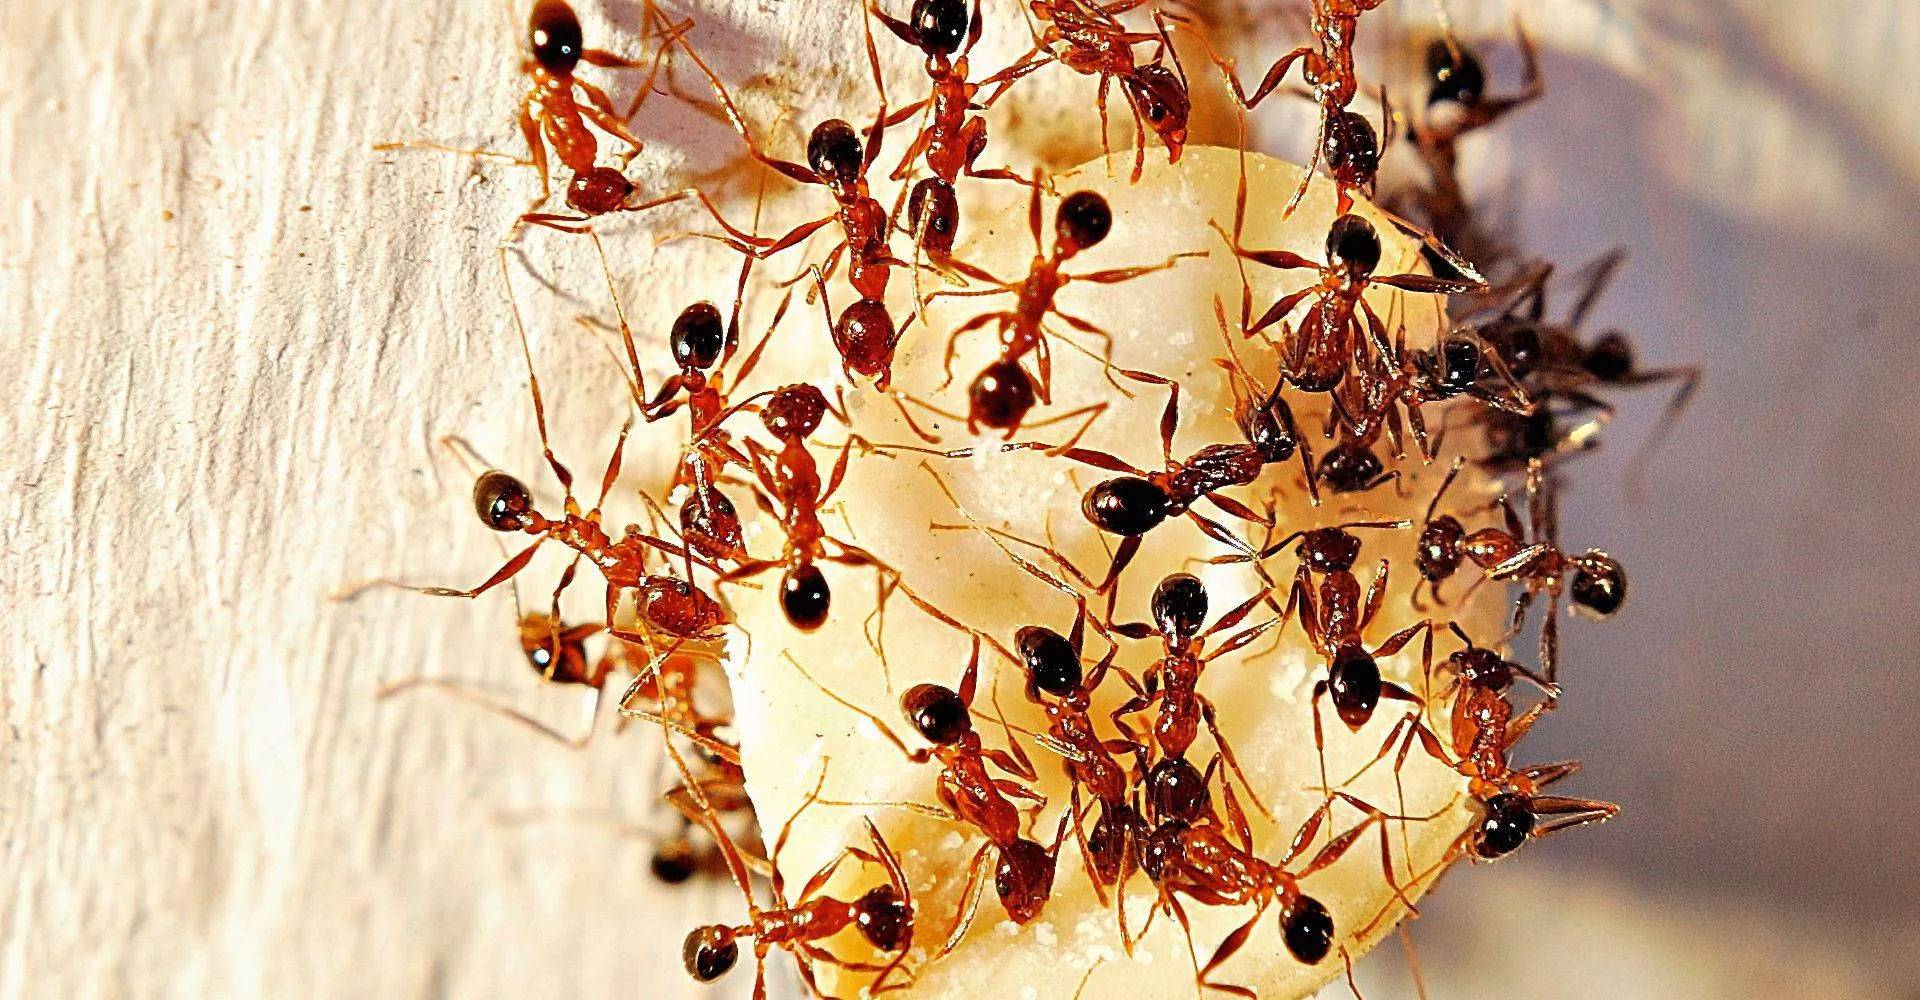 Рыжие муравьи в квартире - как избавиться в домашних условиях, выбор средств